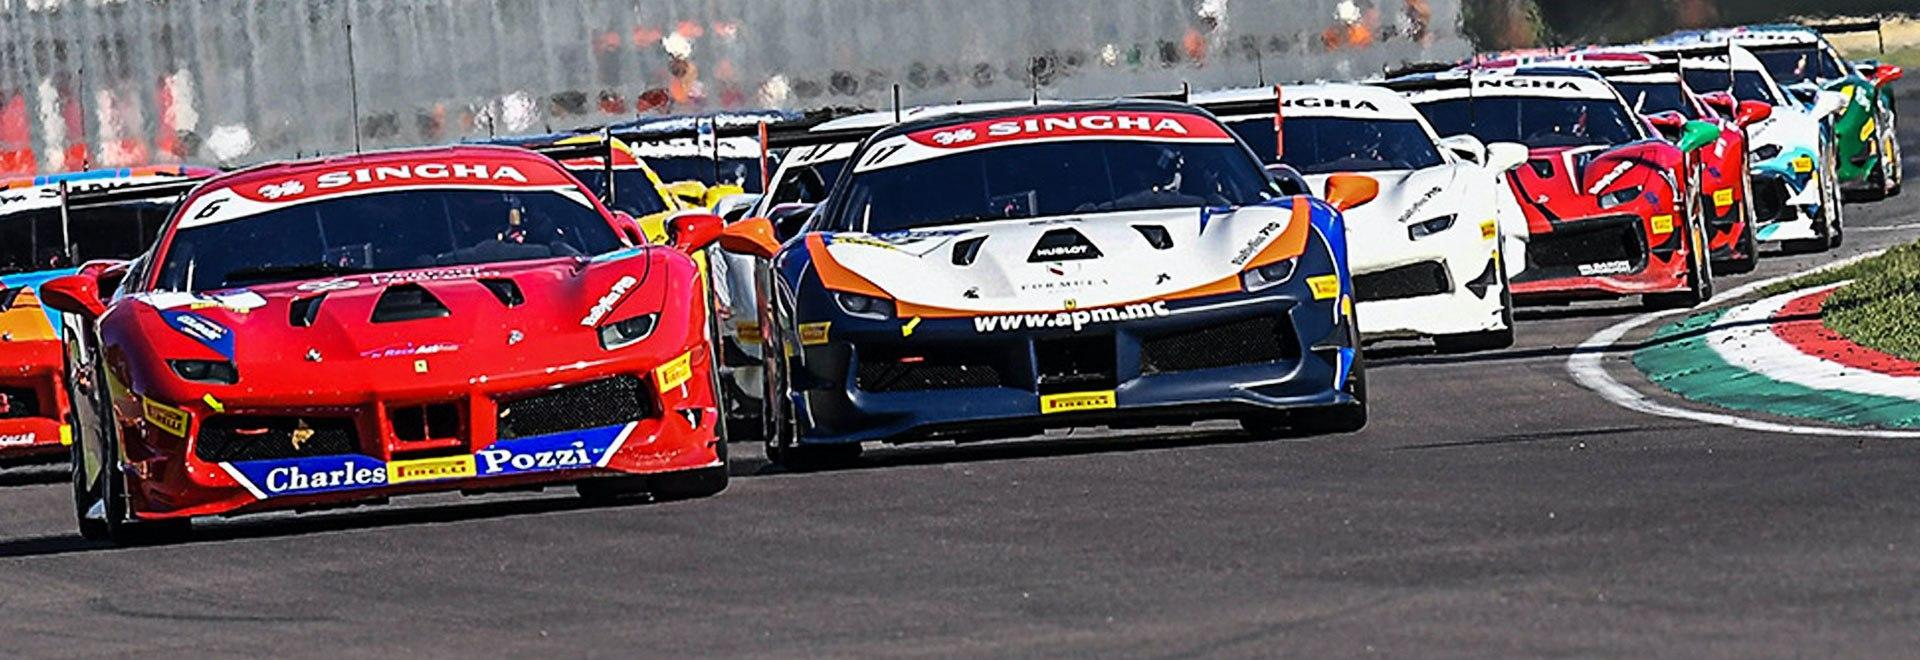 Coppa Shell Mugello. Gara 1